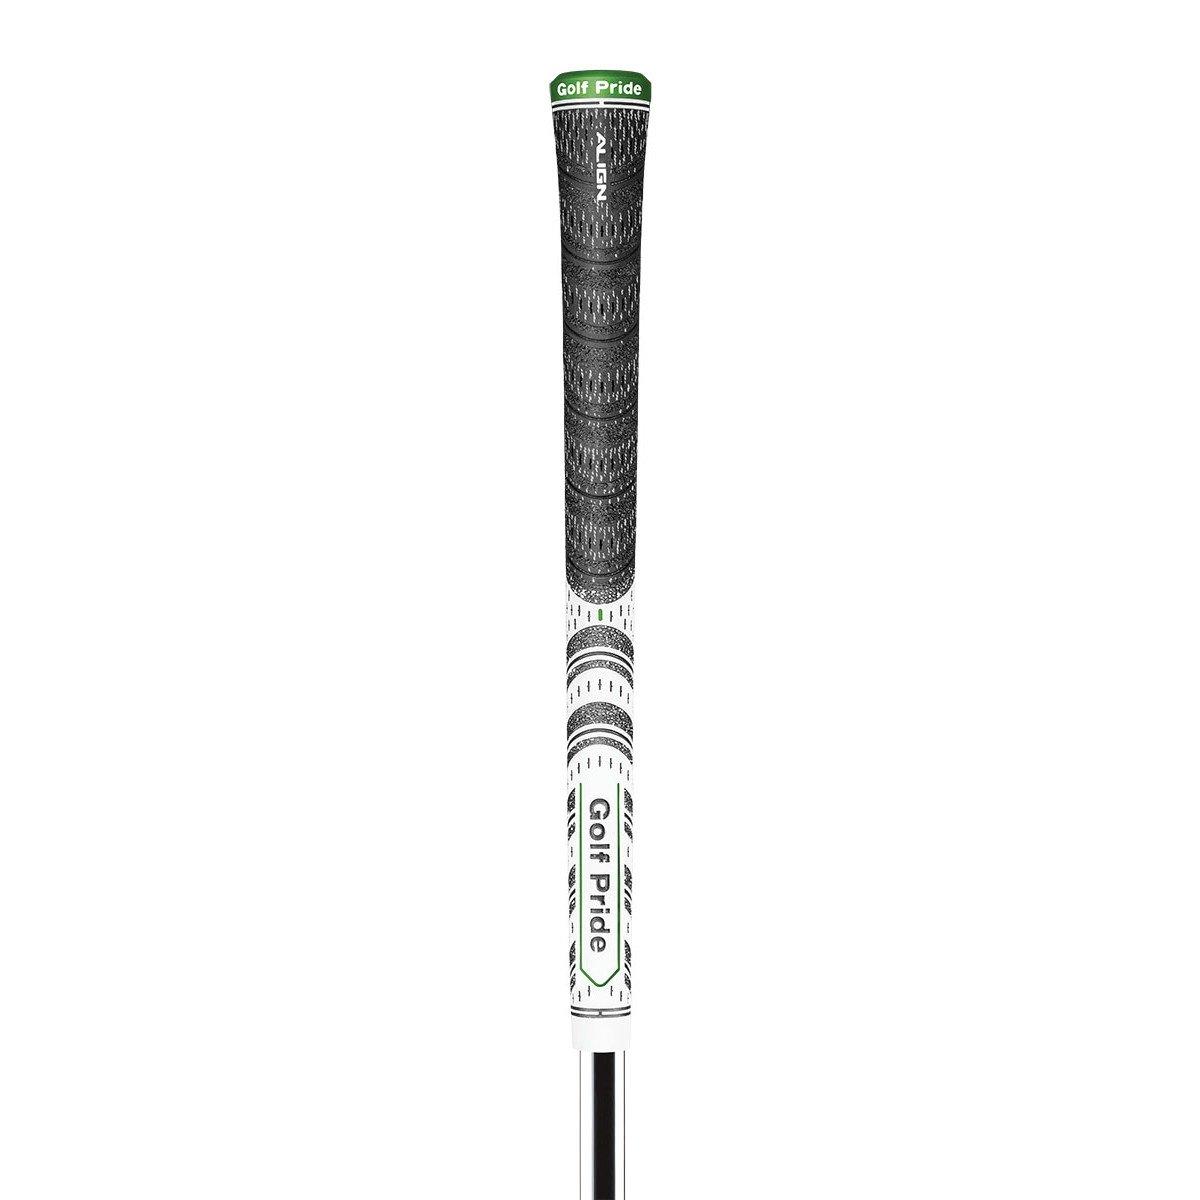 Golf Pride MCC Align Grips Green/White Standard